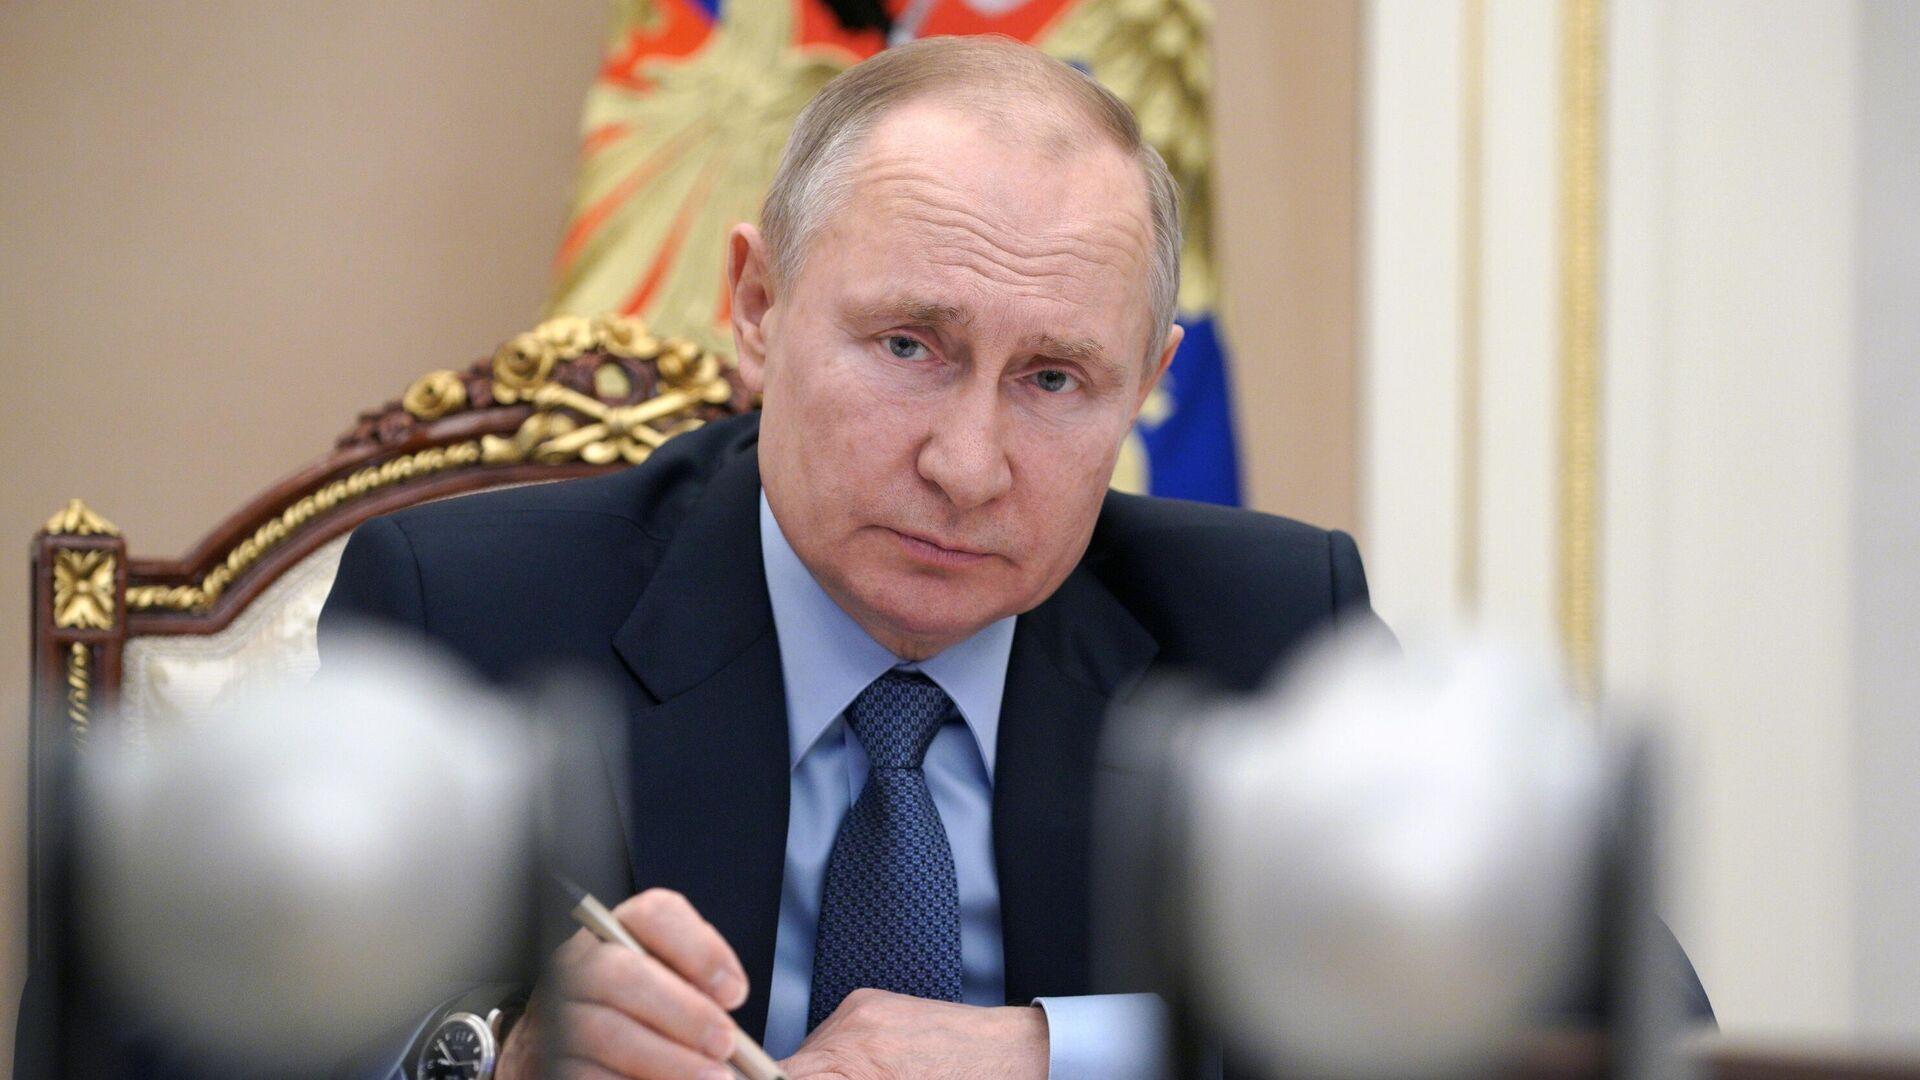 Президент РФ Владимир Путин проводит в режиме видеоконференции совещание по вопросам развития угольной отрасли - РИА Новости, 1920, 02.03.2021